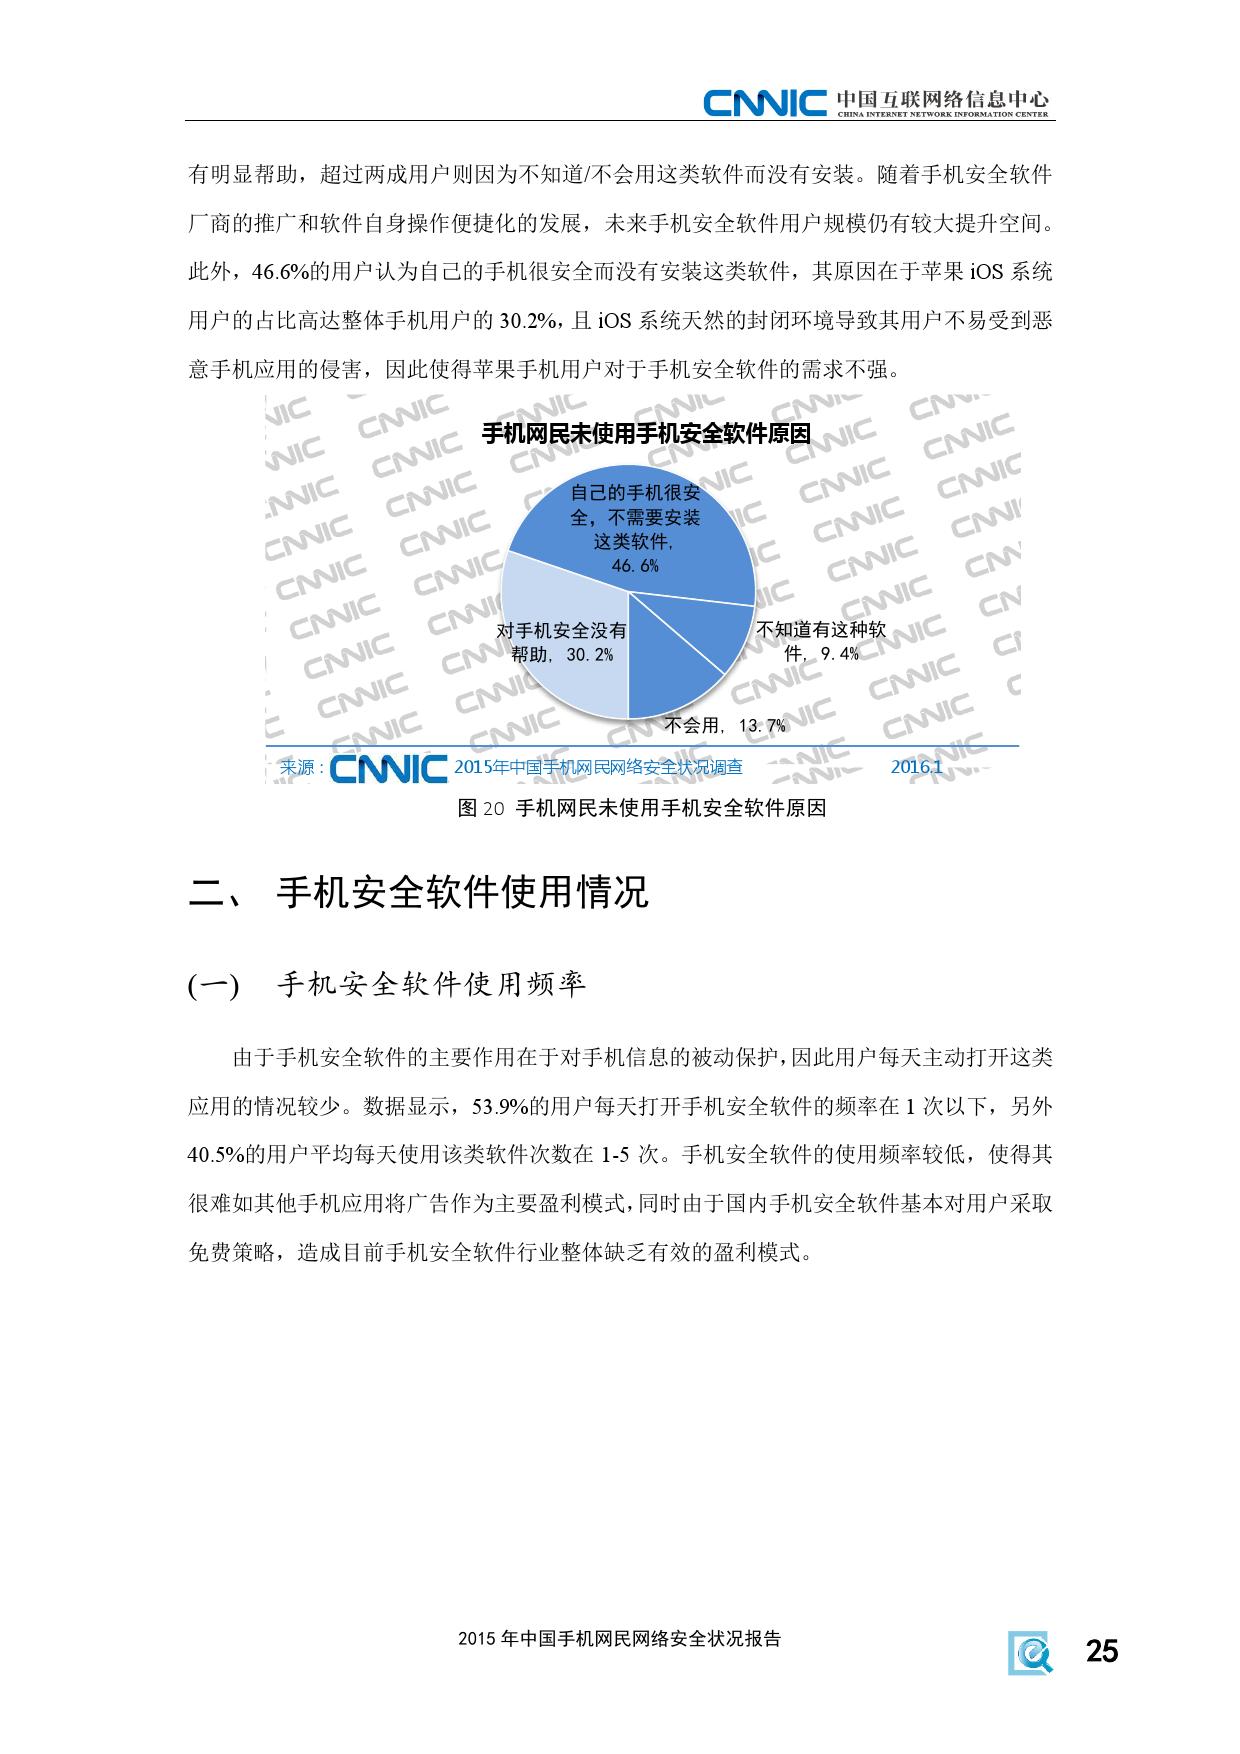 2015年中国手机网民网络安全状况报告_000031